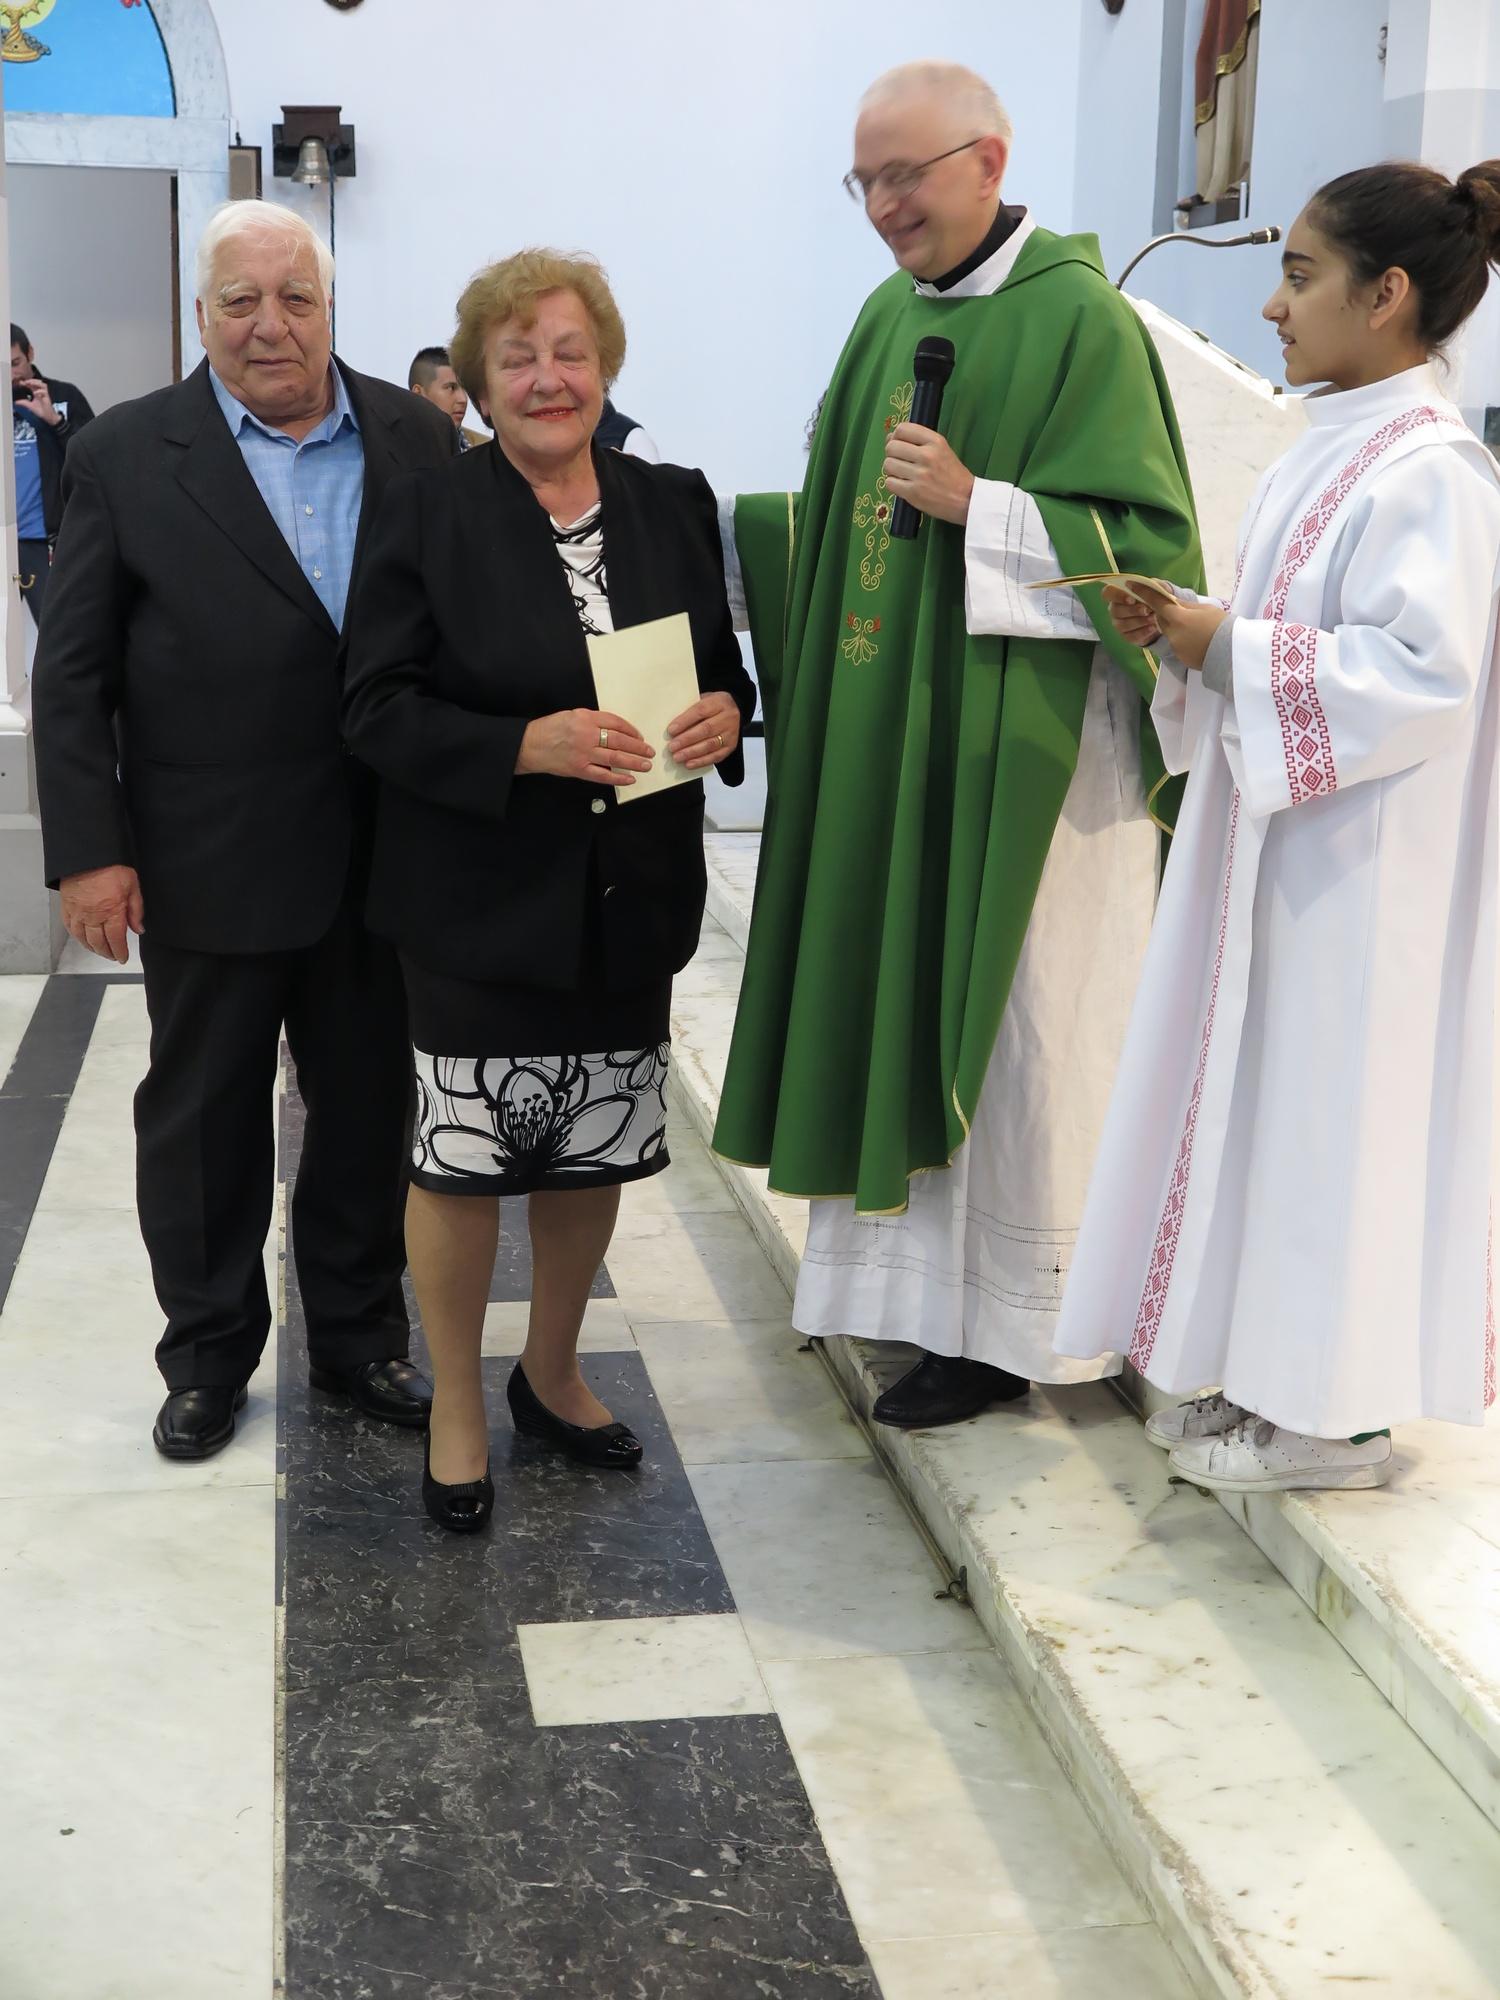 Anniversario Di Matrimonio Qumran.Anniversari Di Matrimonio Parrocchia San Giuseppe Al Lagaccio